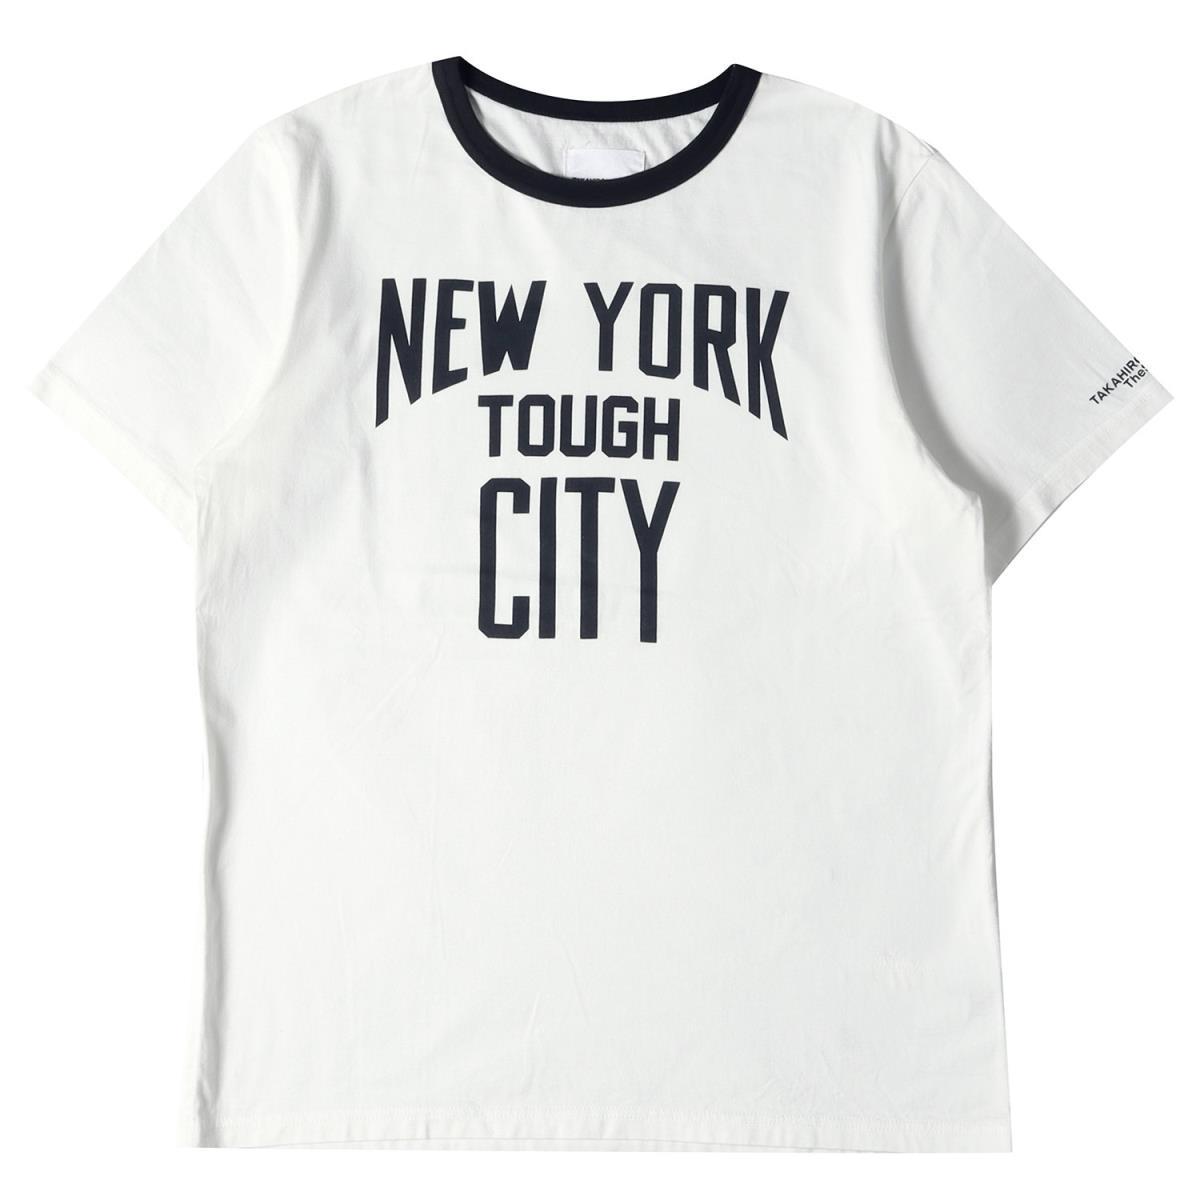 トップス, Tシャツ・カットソー TAKAHIROMIYASHITA The Soloist. T NYC T sc.0100 NEW YORK TOUGH CITY. 20SS 48 K3148